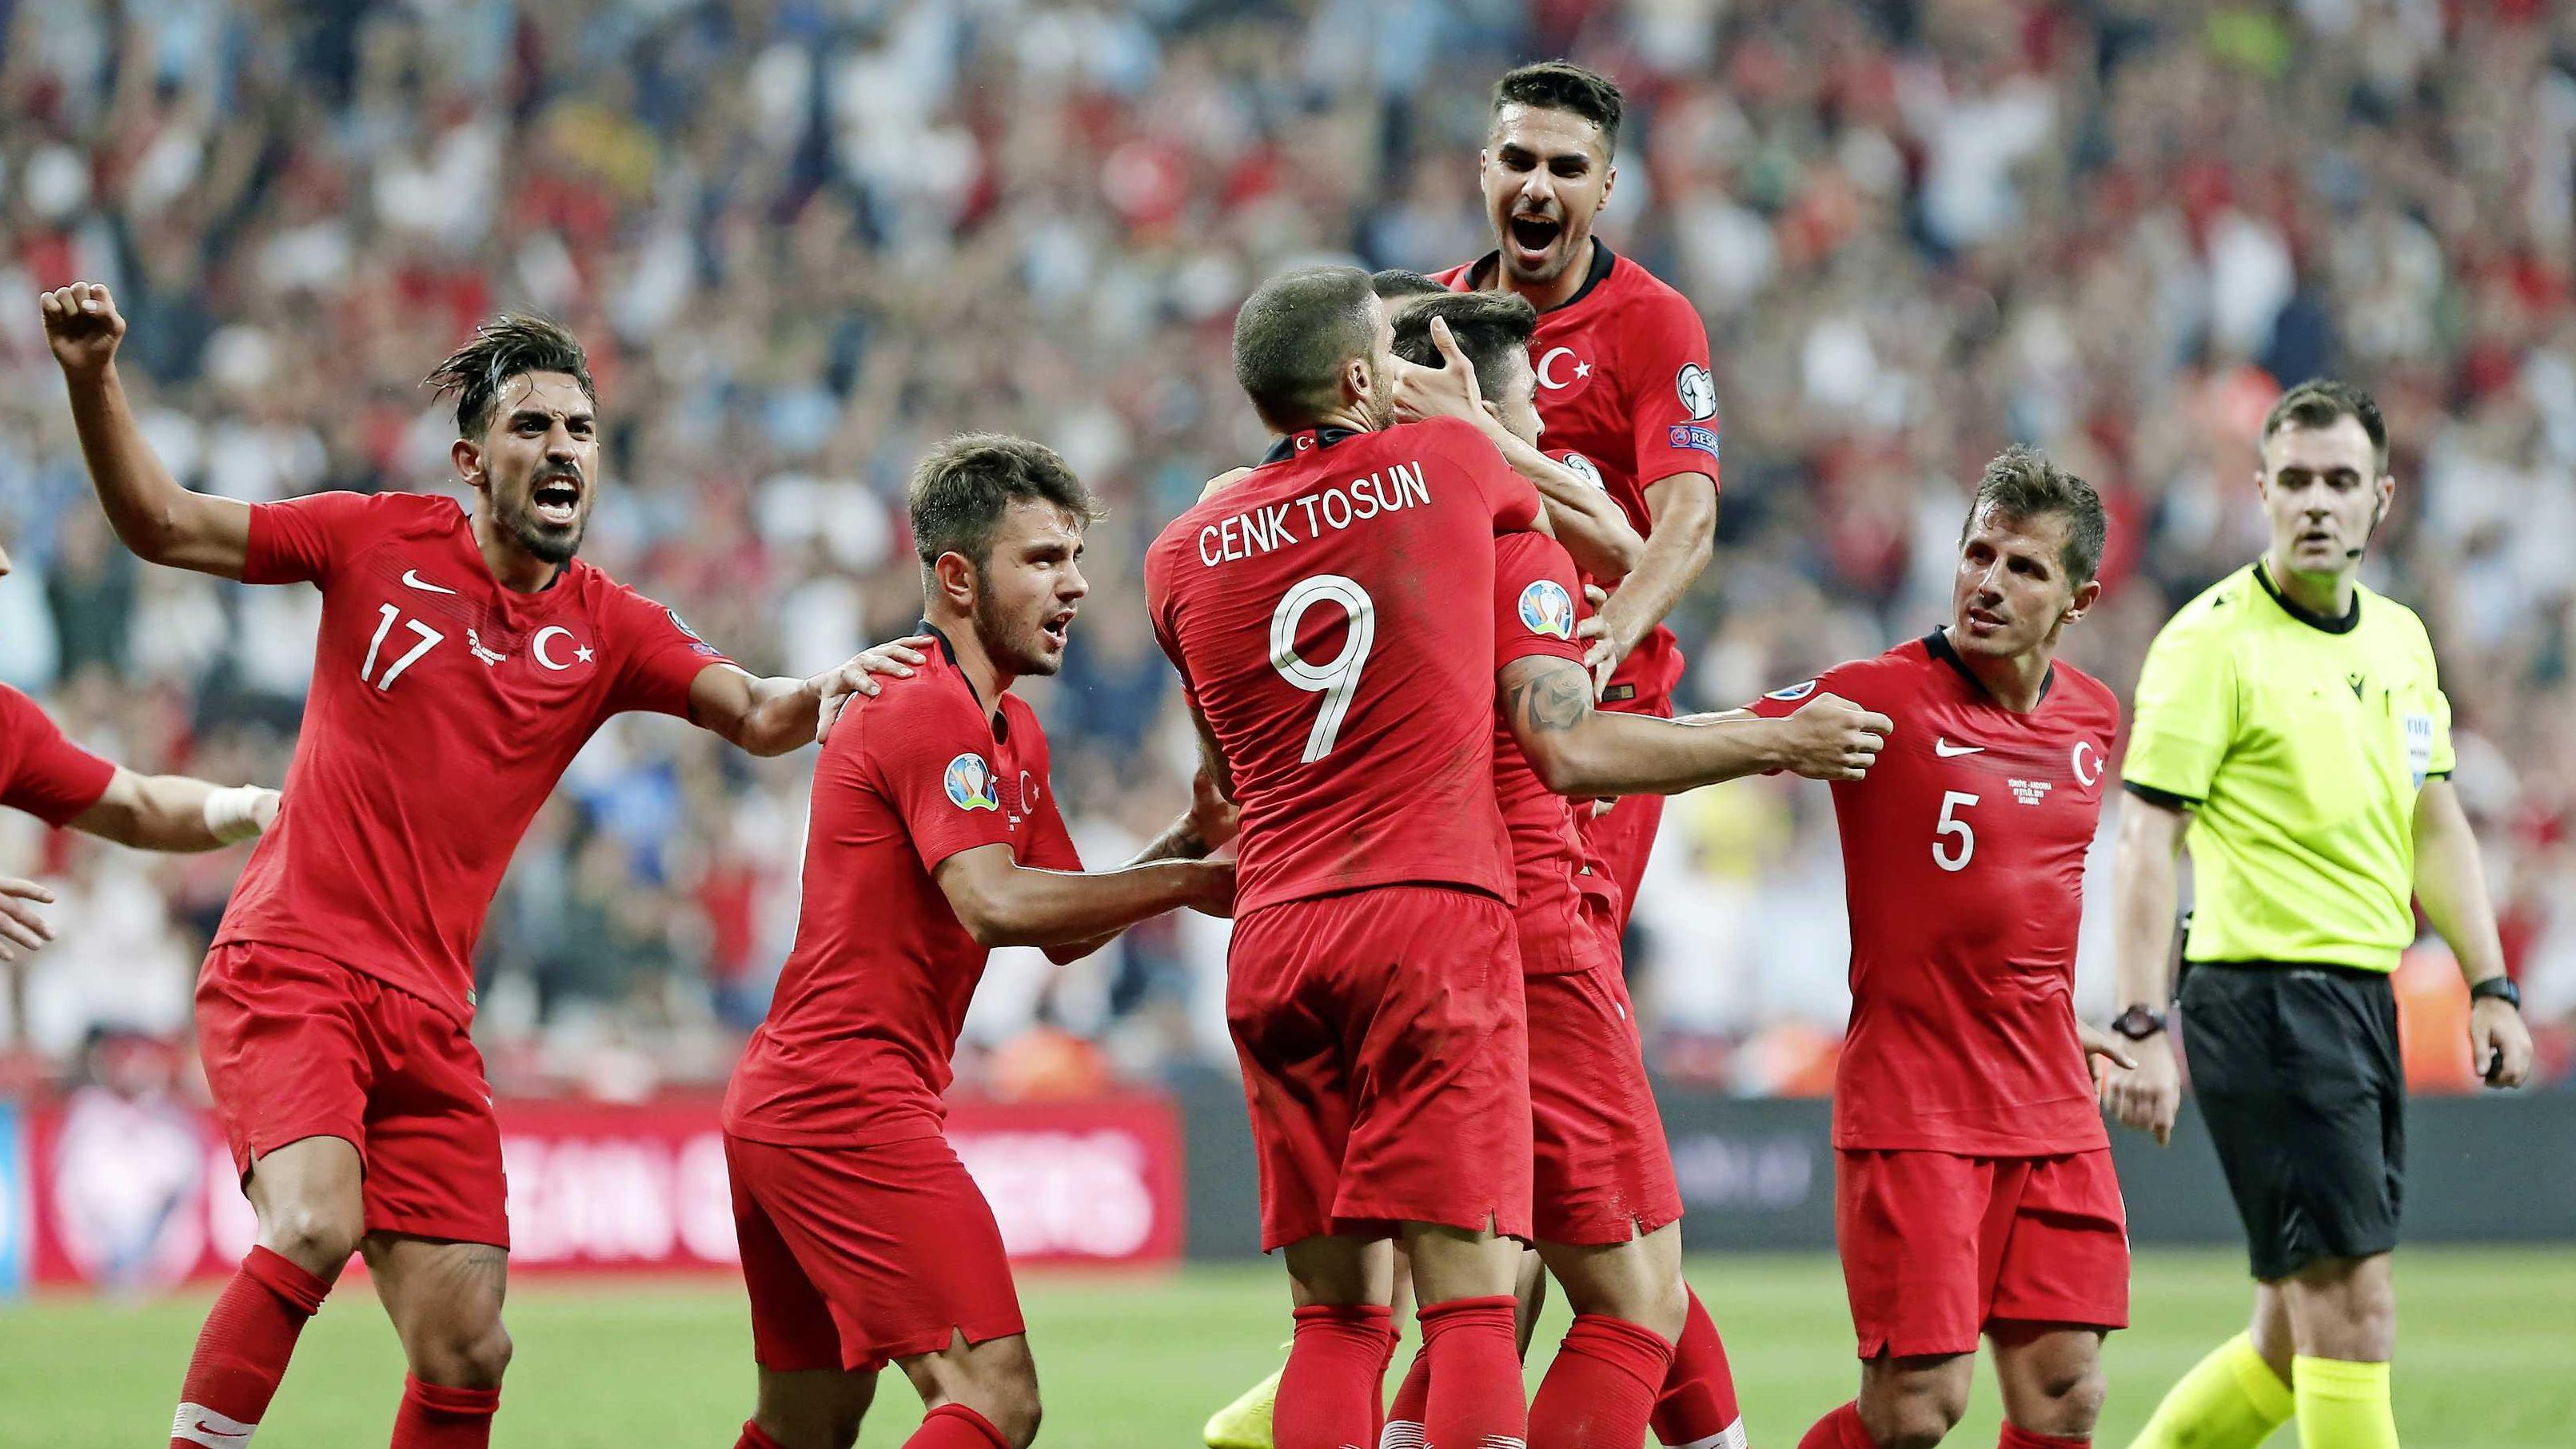 Voetbal | Het laatste nieuws uit Nederland leest u op